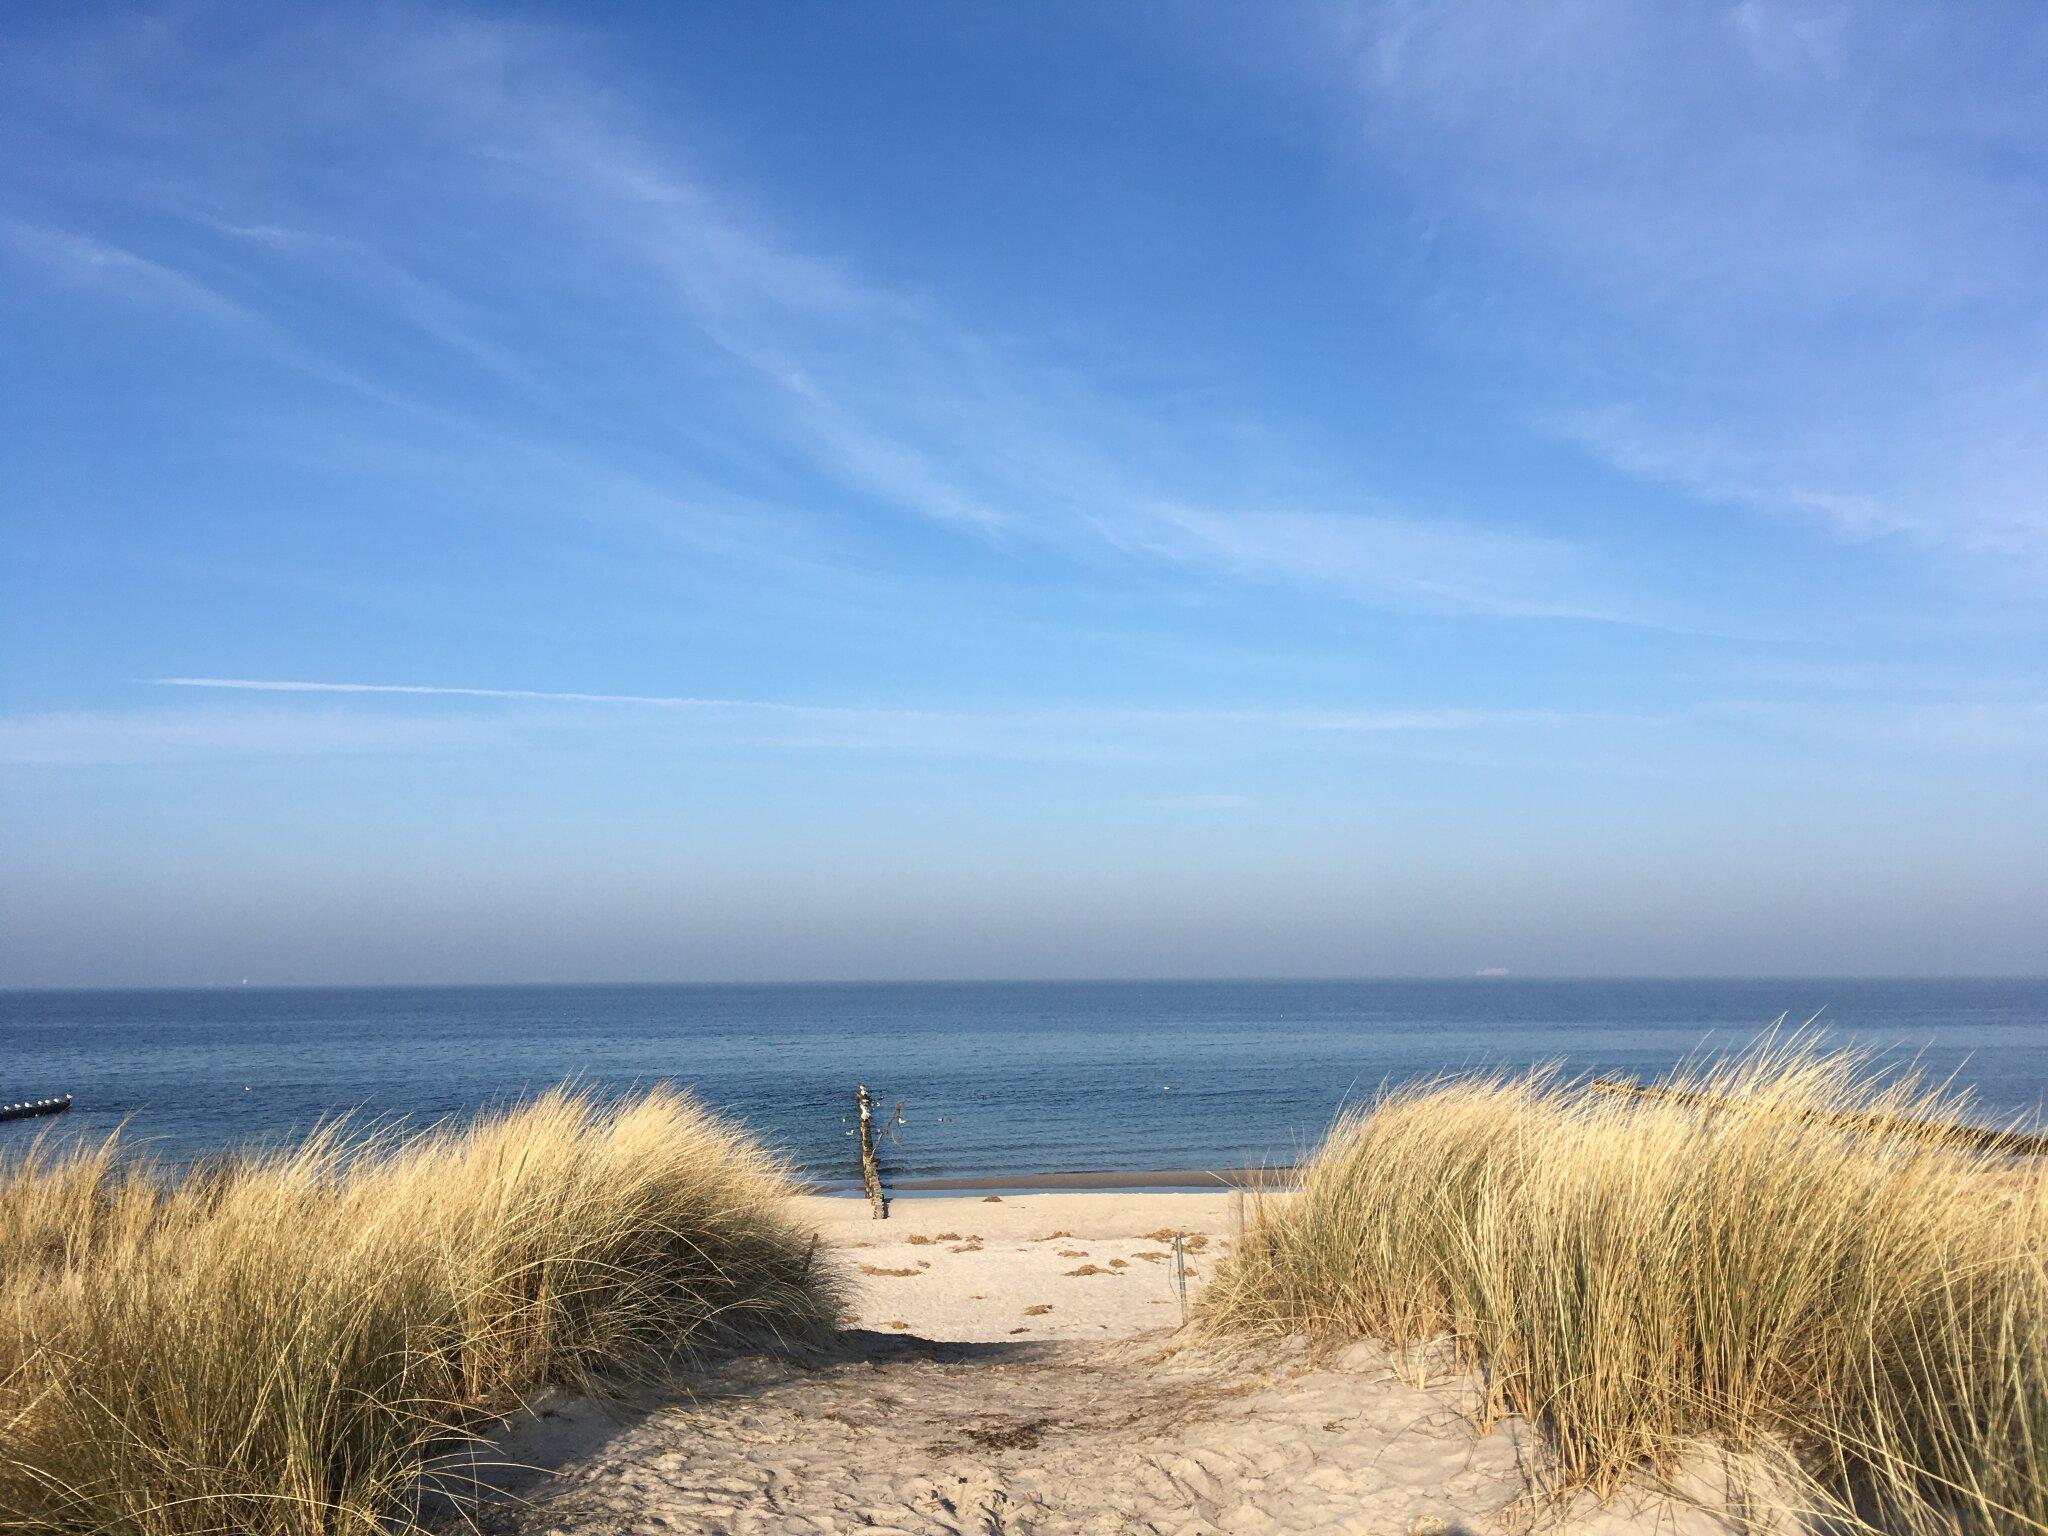 Der Strandaufgang von Markgrafenheide